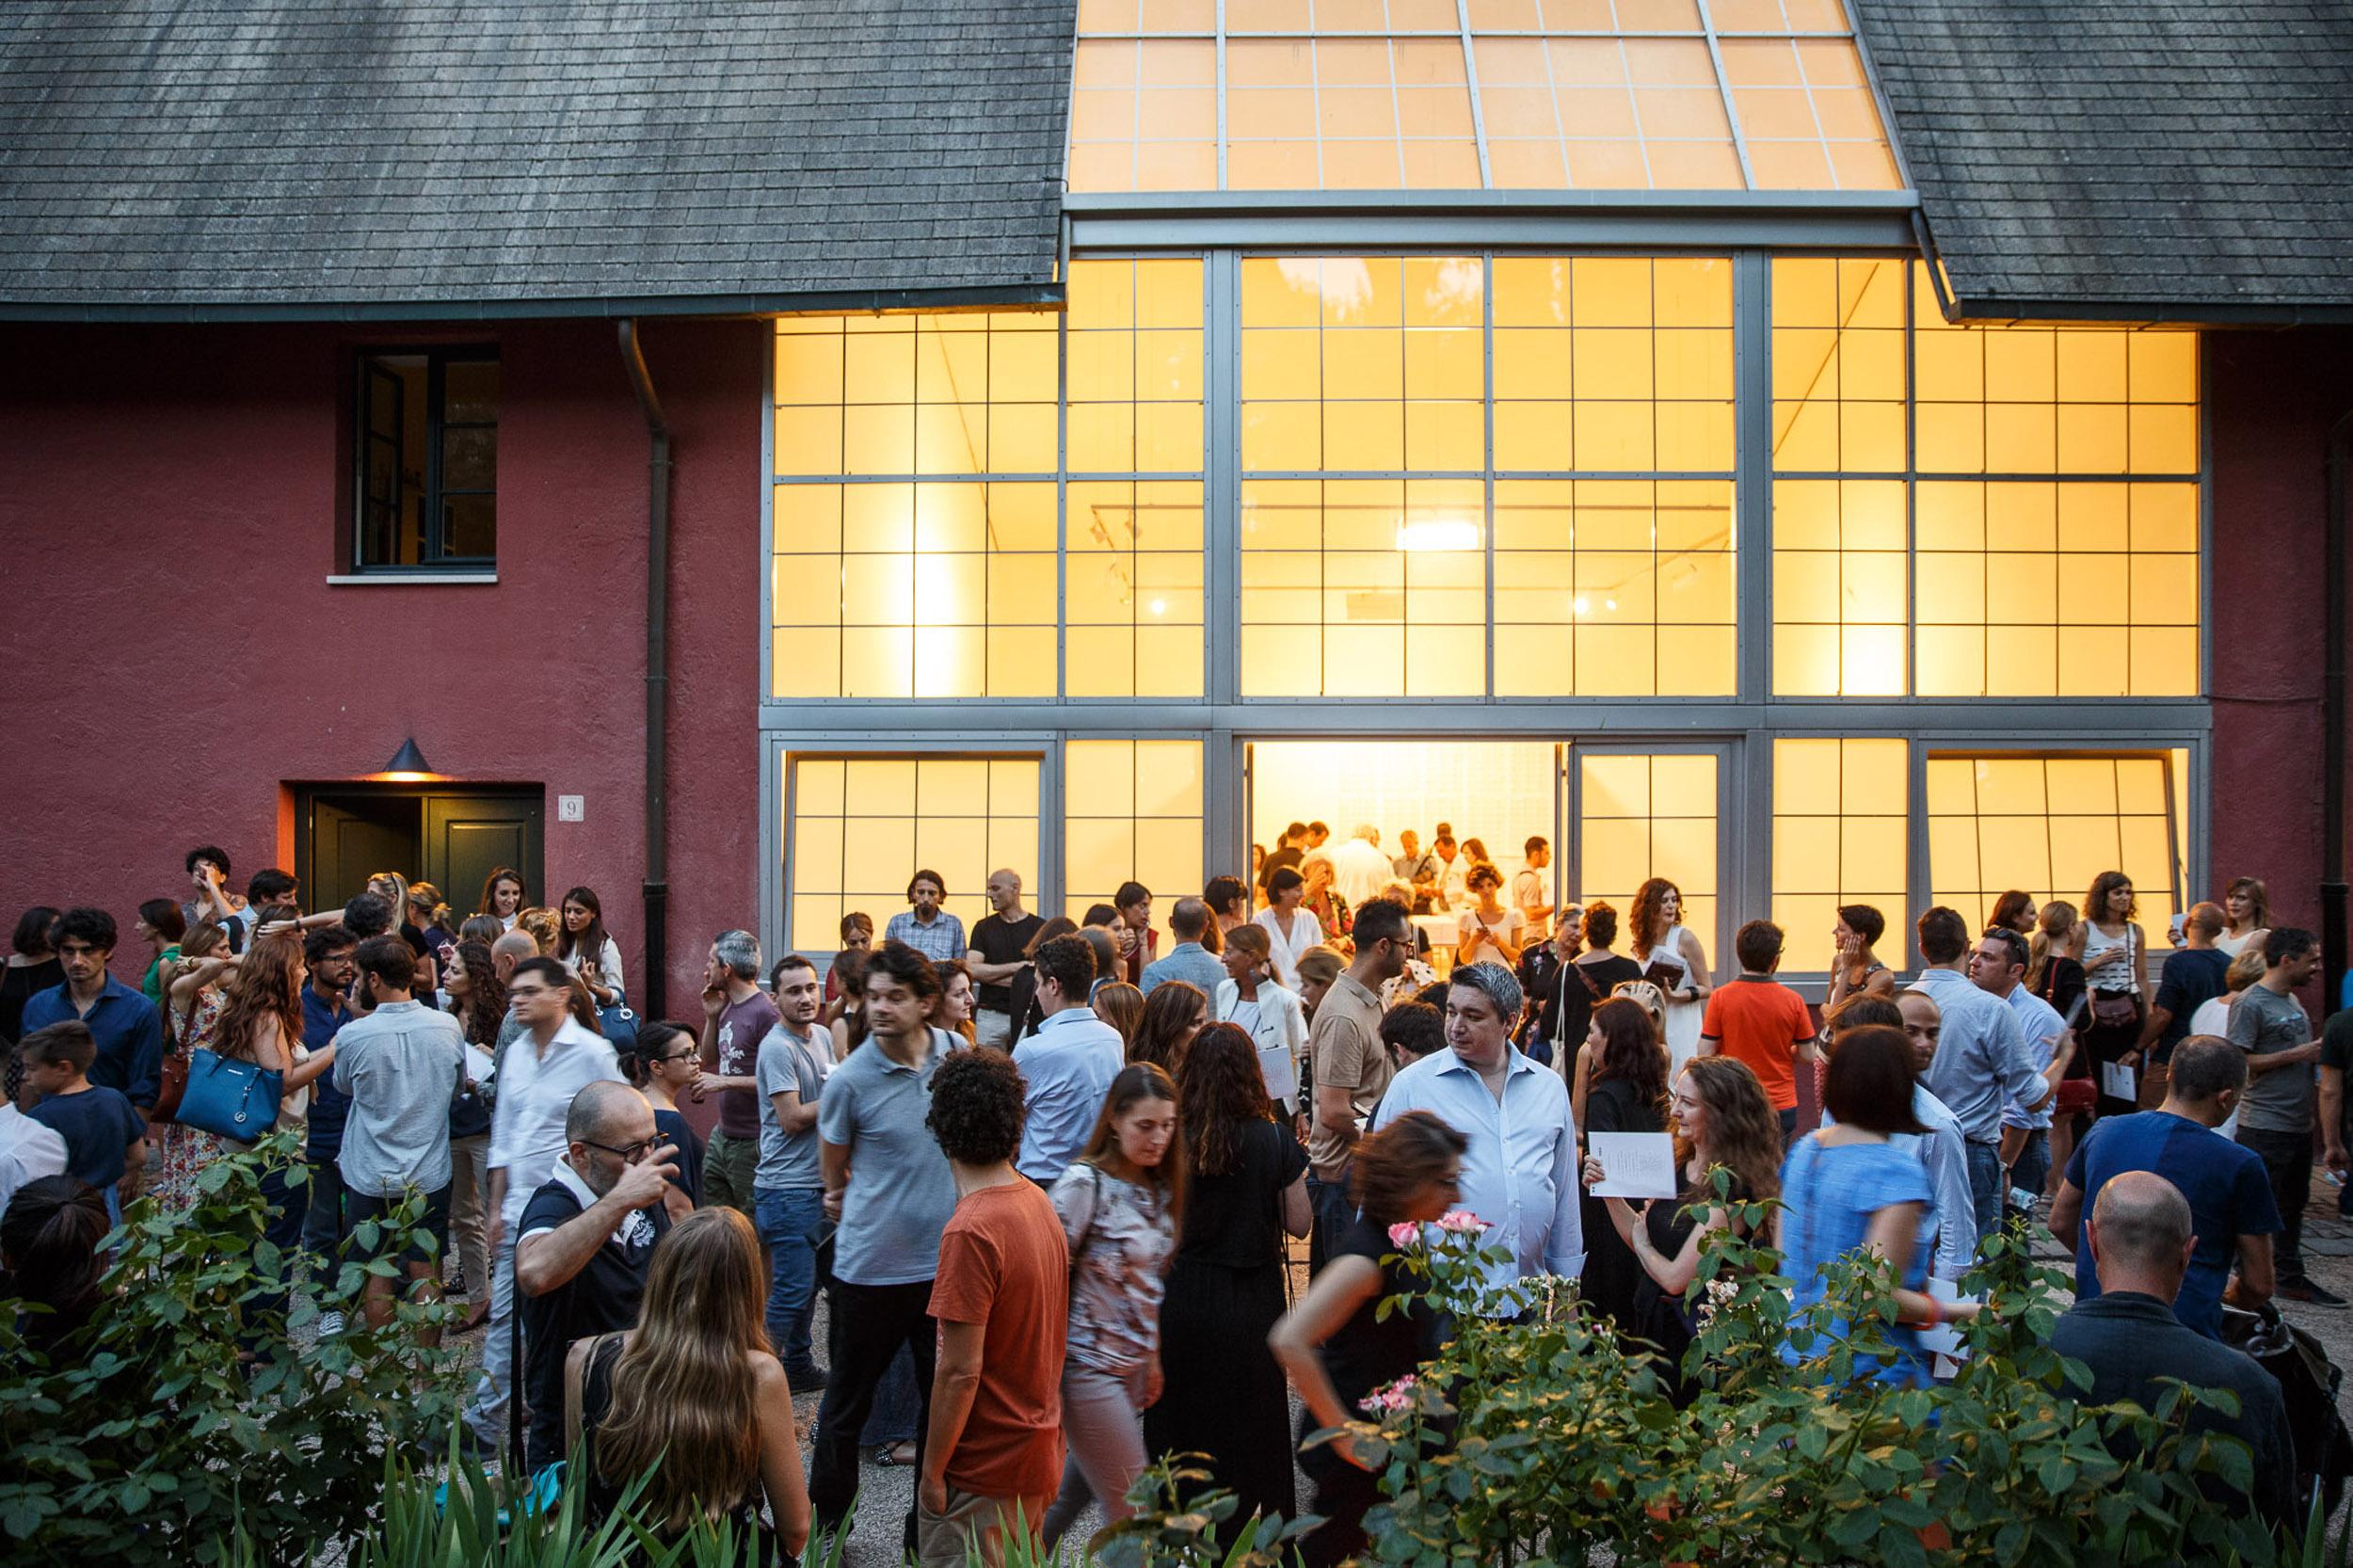 Gli atelier degli artisti in mostra. Foto di Alberto Novelli.